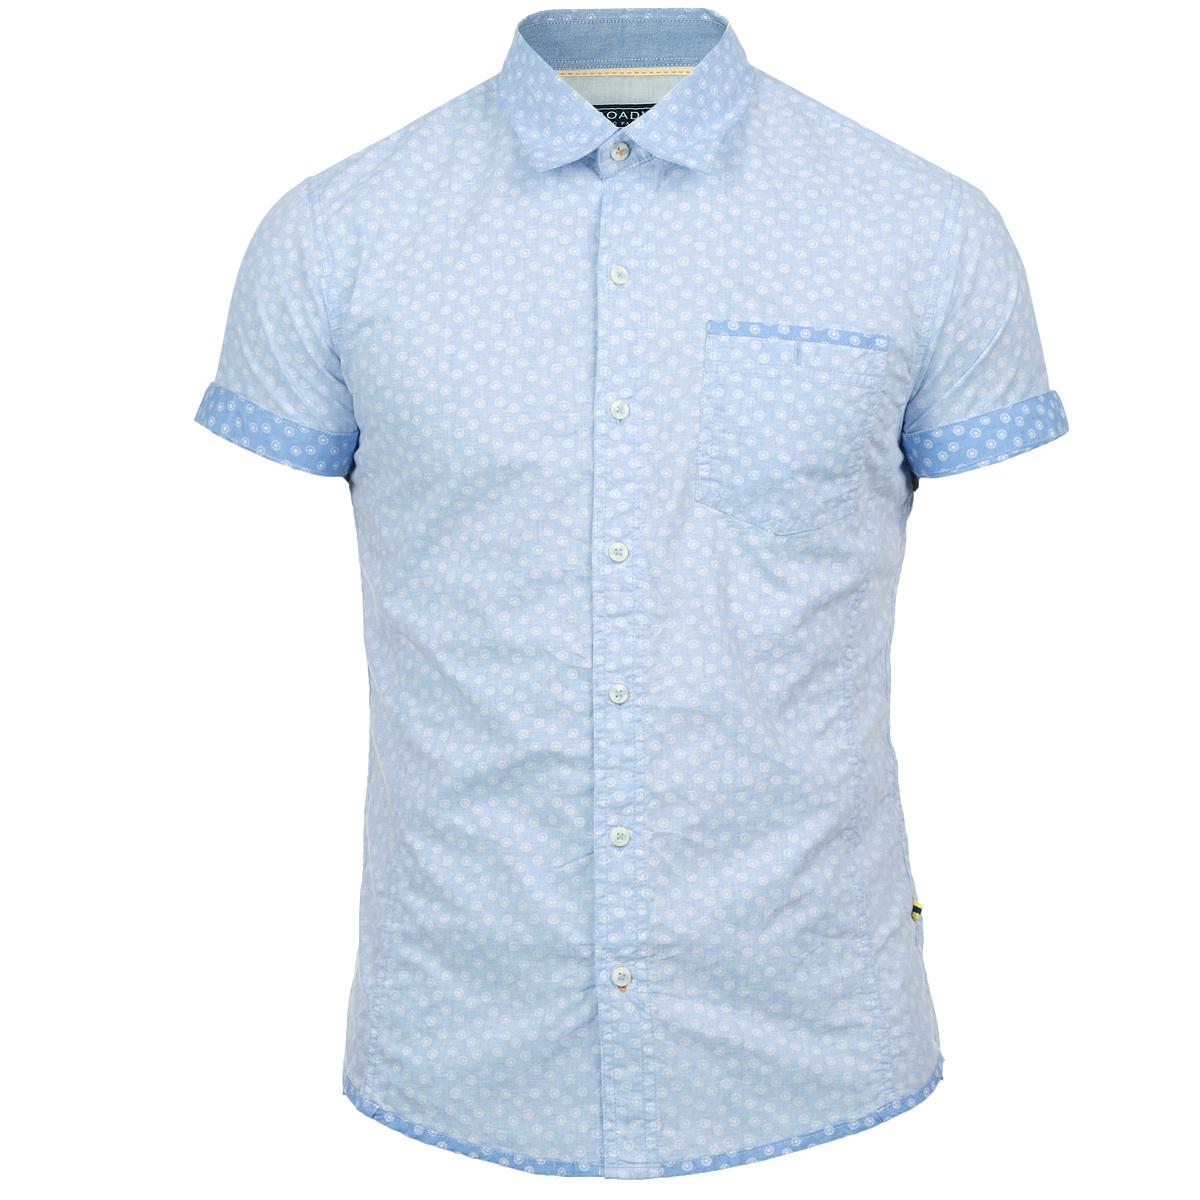 Рубашка мужская. 1015256010152560 51AОтличная мужская рубашка Broadway с принтом, выполненная из хлопка, обладает высокой теплопроводностью, воздухопроницаемостью и гигроскопичностью, позволяет коже дышать, тем самым обеспечивая наибольший комфорт при носке даже самым жарким летом. Рубашка приталенного кроя с короткими рукавами, полукруглым низом, отложным воротником застегивается на пуговицы. Рубашка дополнена на груди накладным карманом на пуговице. Такая рубашка будет дарить вам комфорт в течение всего дня и послужит замечательным дополнением к вашему летнему гардеробу.